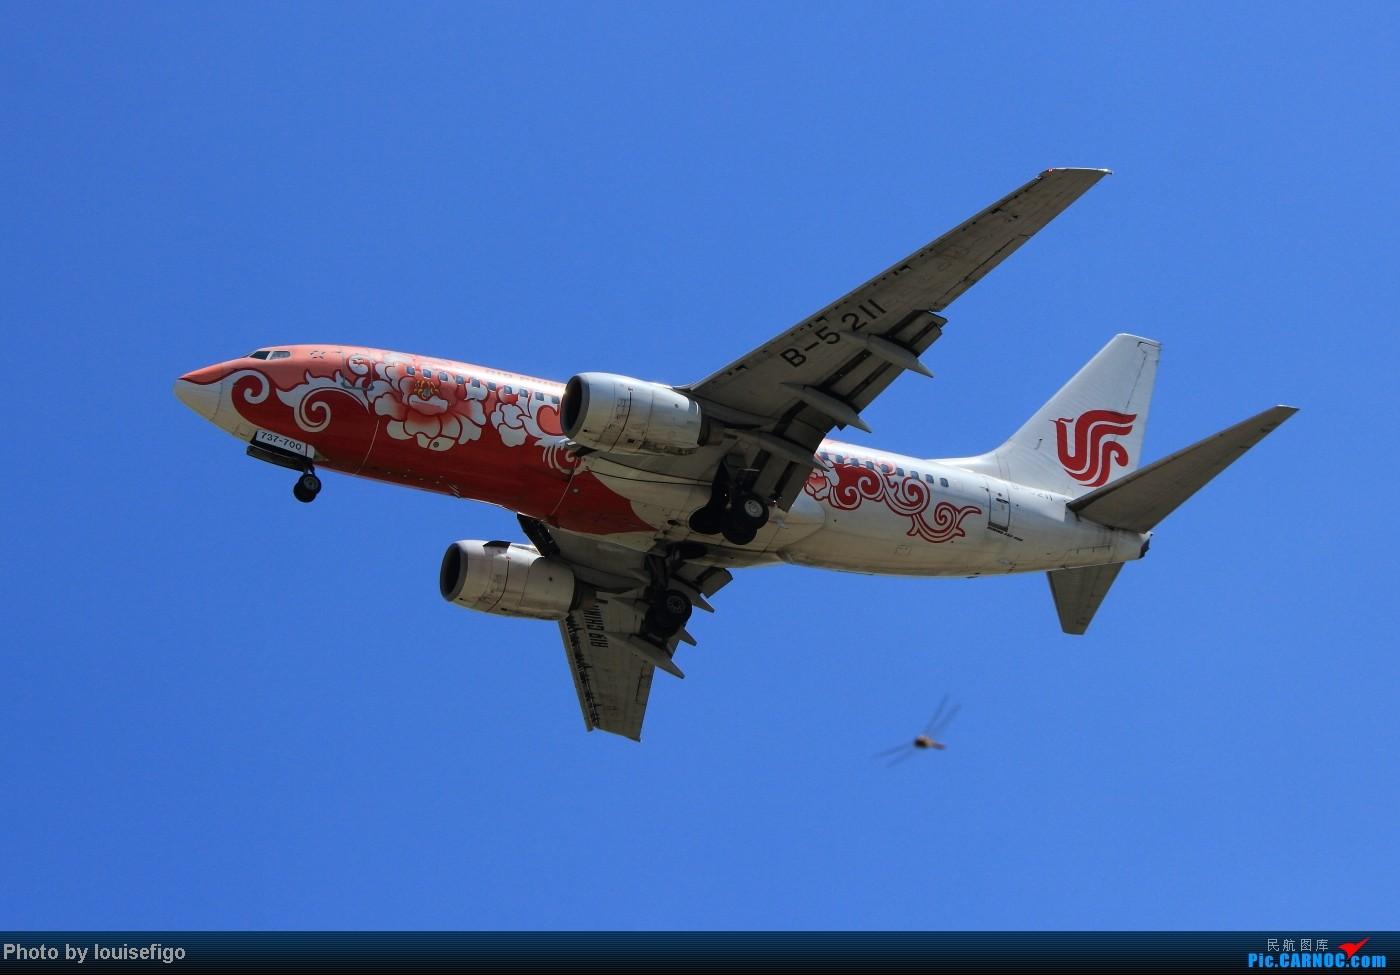 [原创]两张难得一见  绝对不一样的牡丹双飞!粉牡丹与红牡丹!  :) BOEING 737-700 B-5211 北京首都国际机场